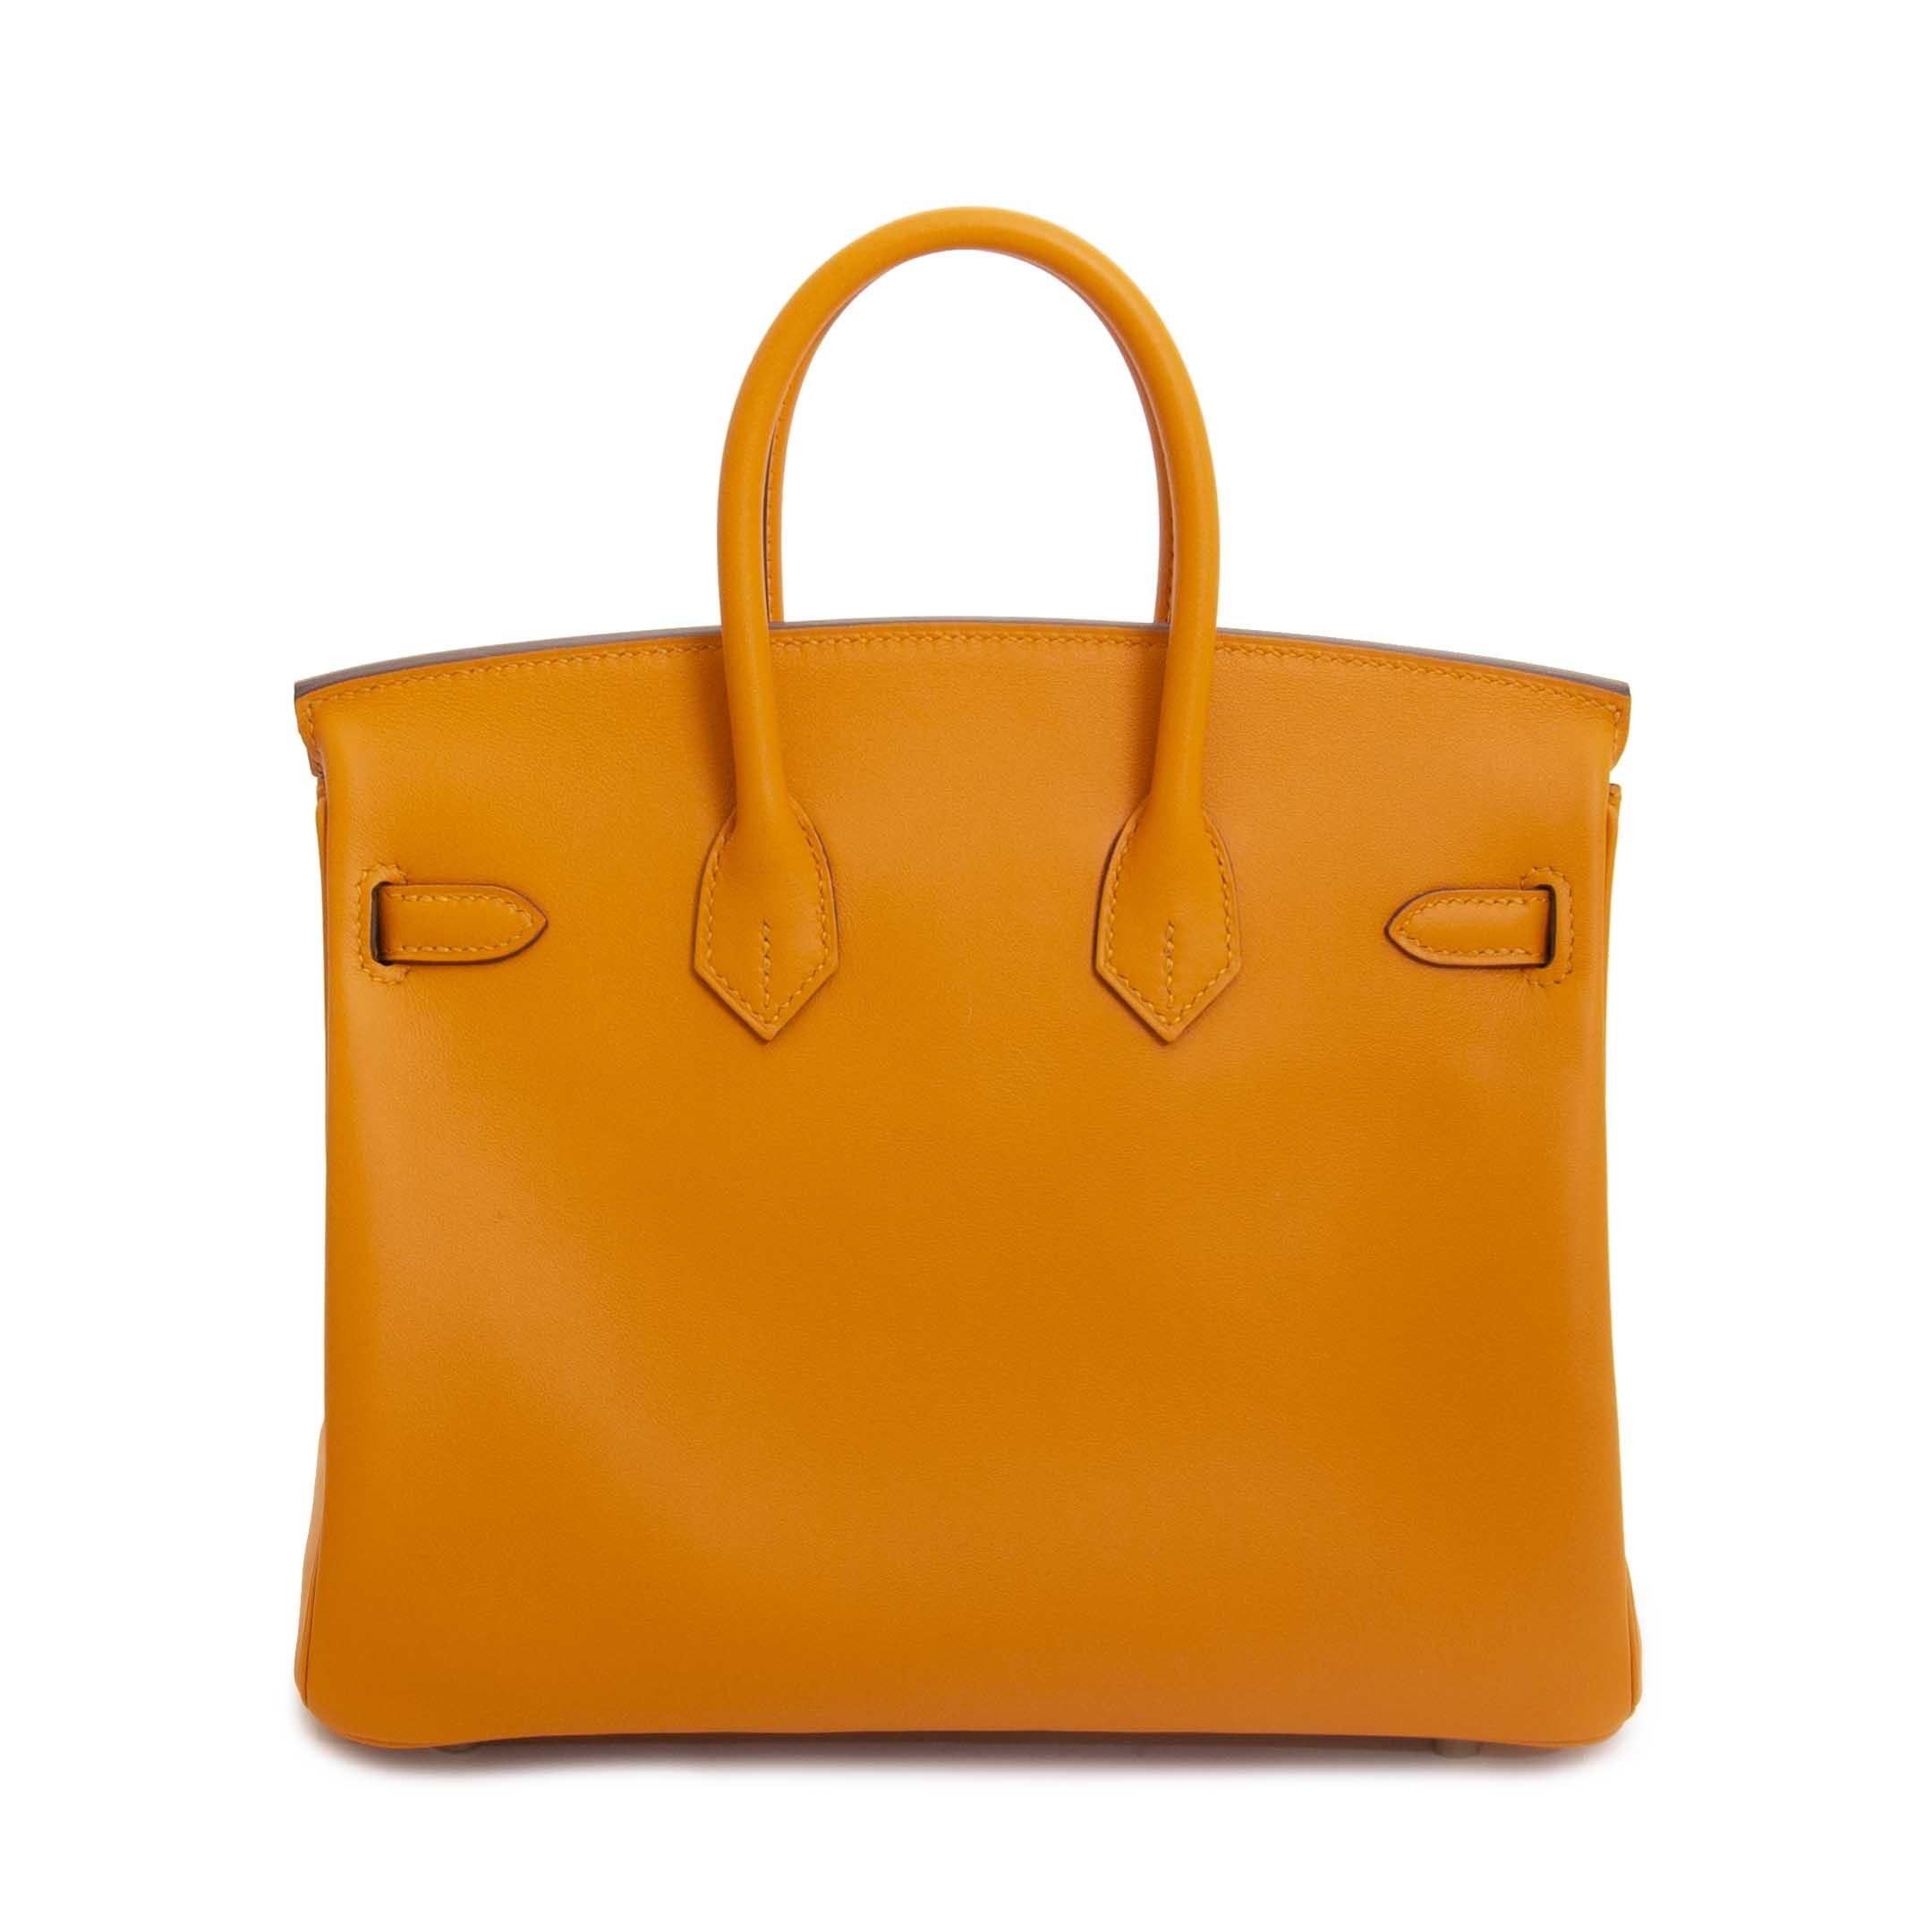 Hermès Birkin 25 Apricot Swift GHW te koop aan de beste prijs bij Labellov tweedehands luxe in Antwerpen